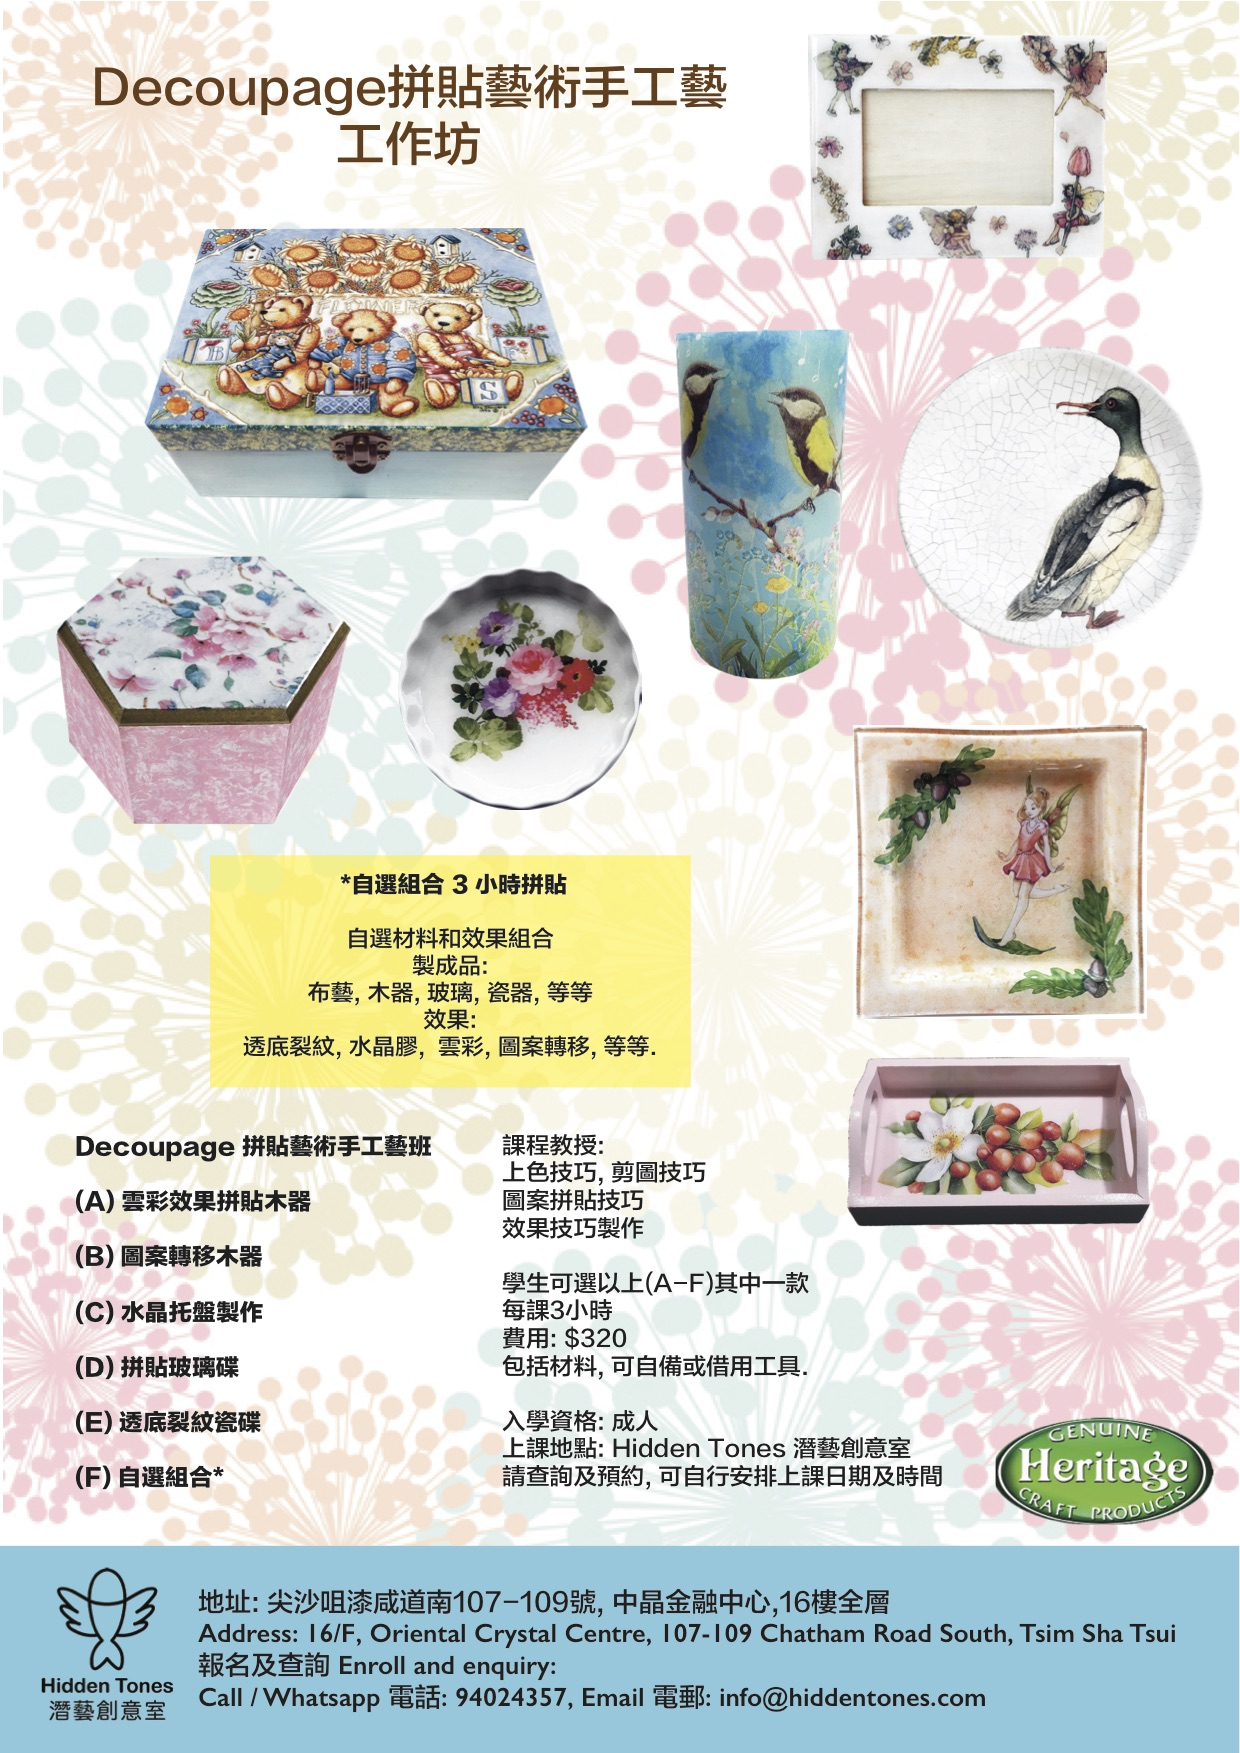 decoupage ws leaftlet June 2017_print copy